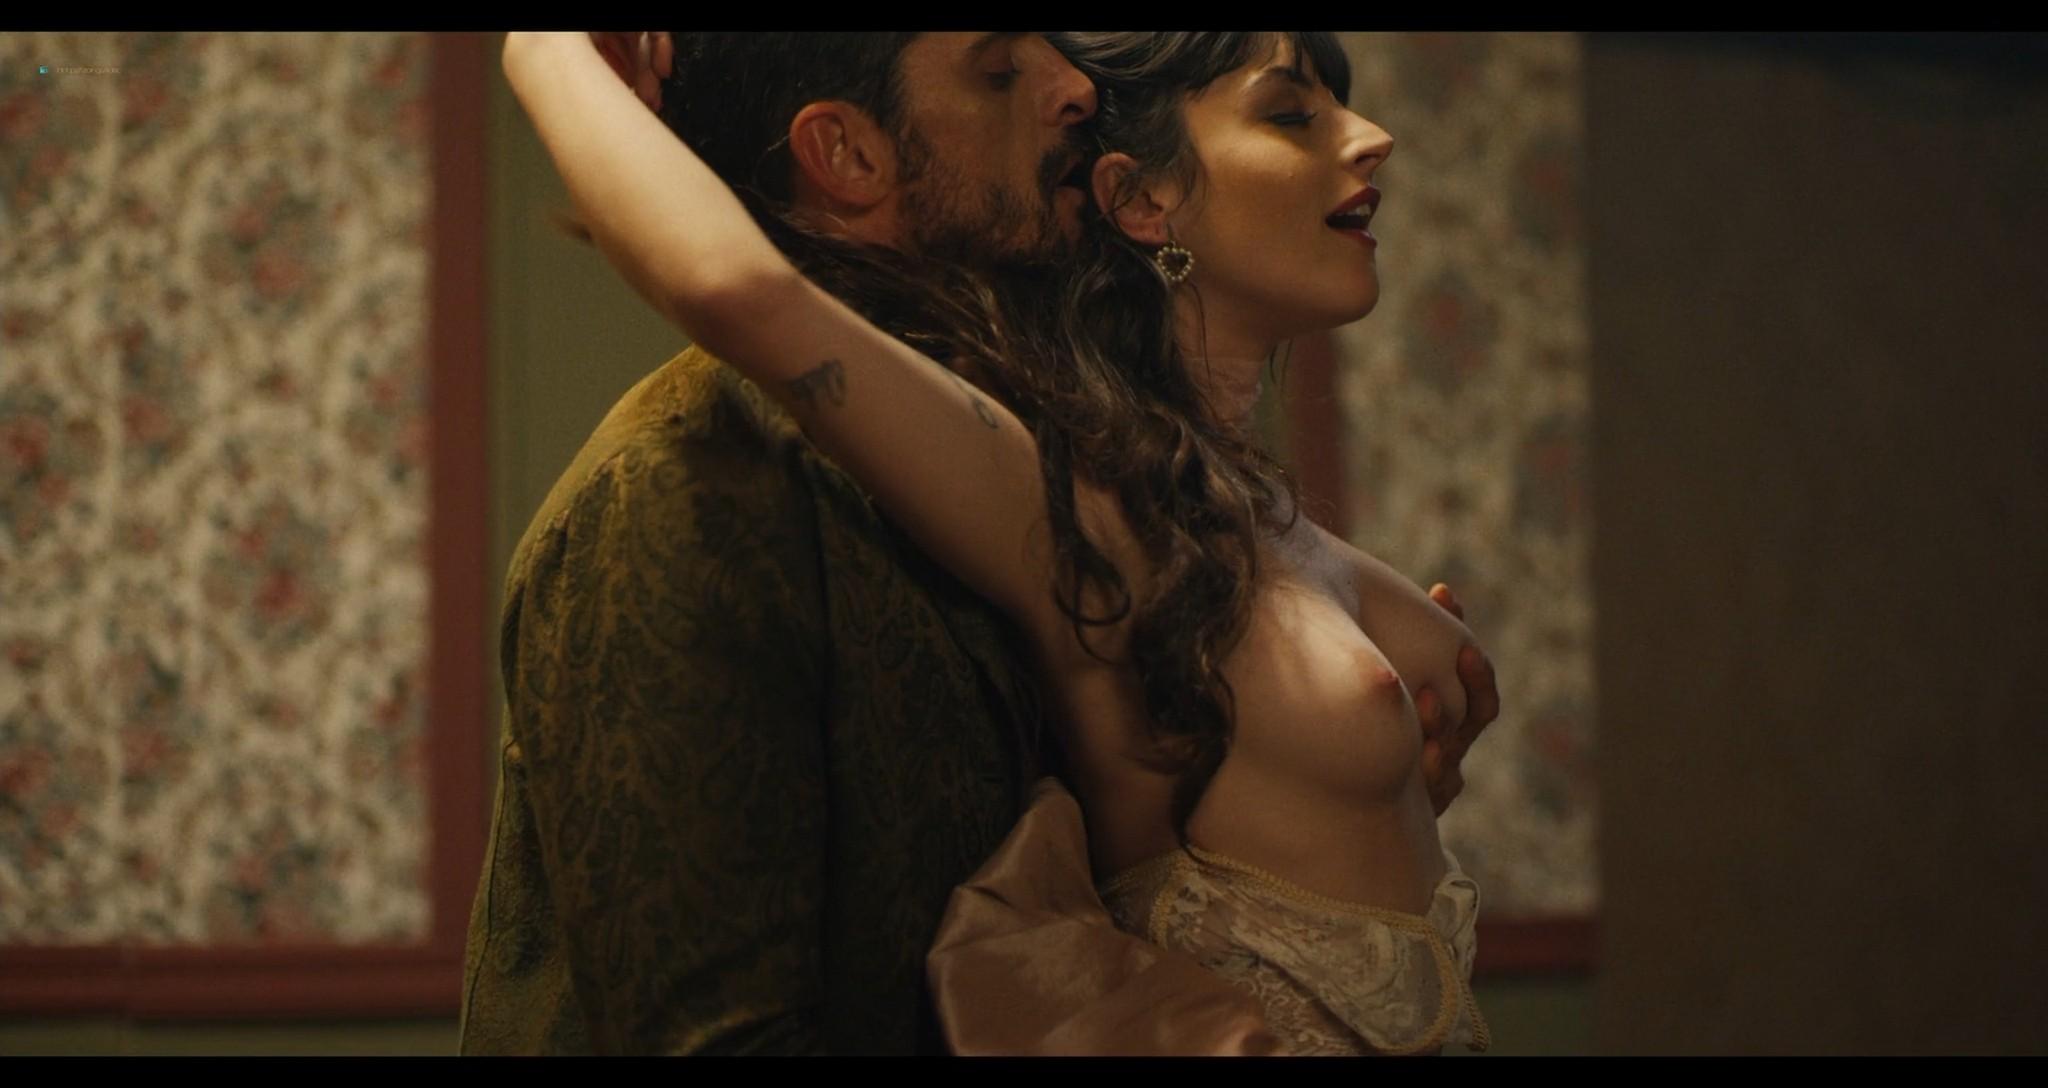 Brunna Martins nude Marjorie Bresler, Natalia Dal, Samira Carvalho all nude too- Hard (BR-2020) s1e3 HD 1080p (11)